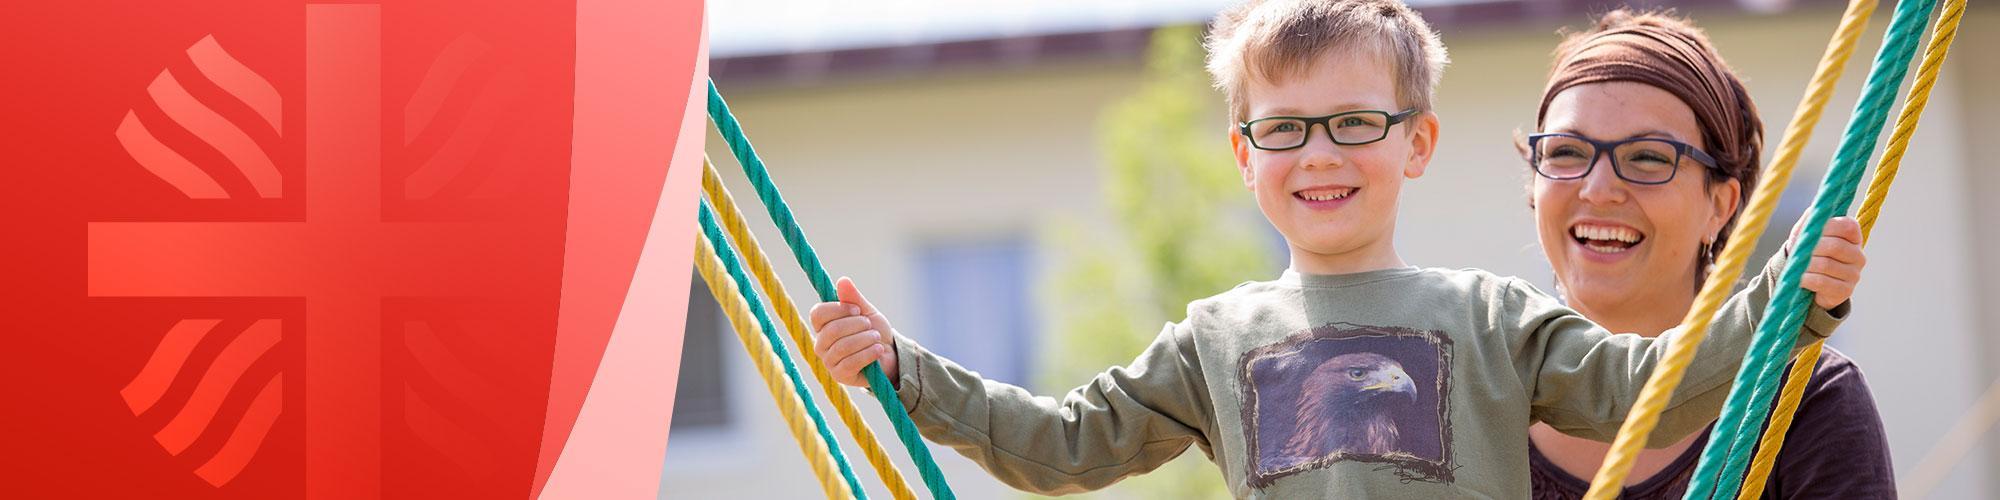 KJF Katholische Jugendfürsorge der Diözese Augsburg e.V.